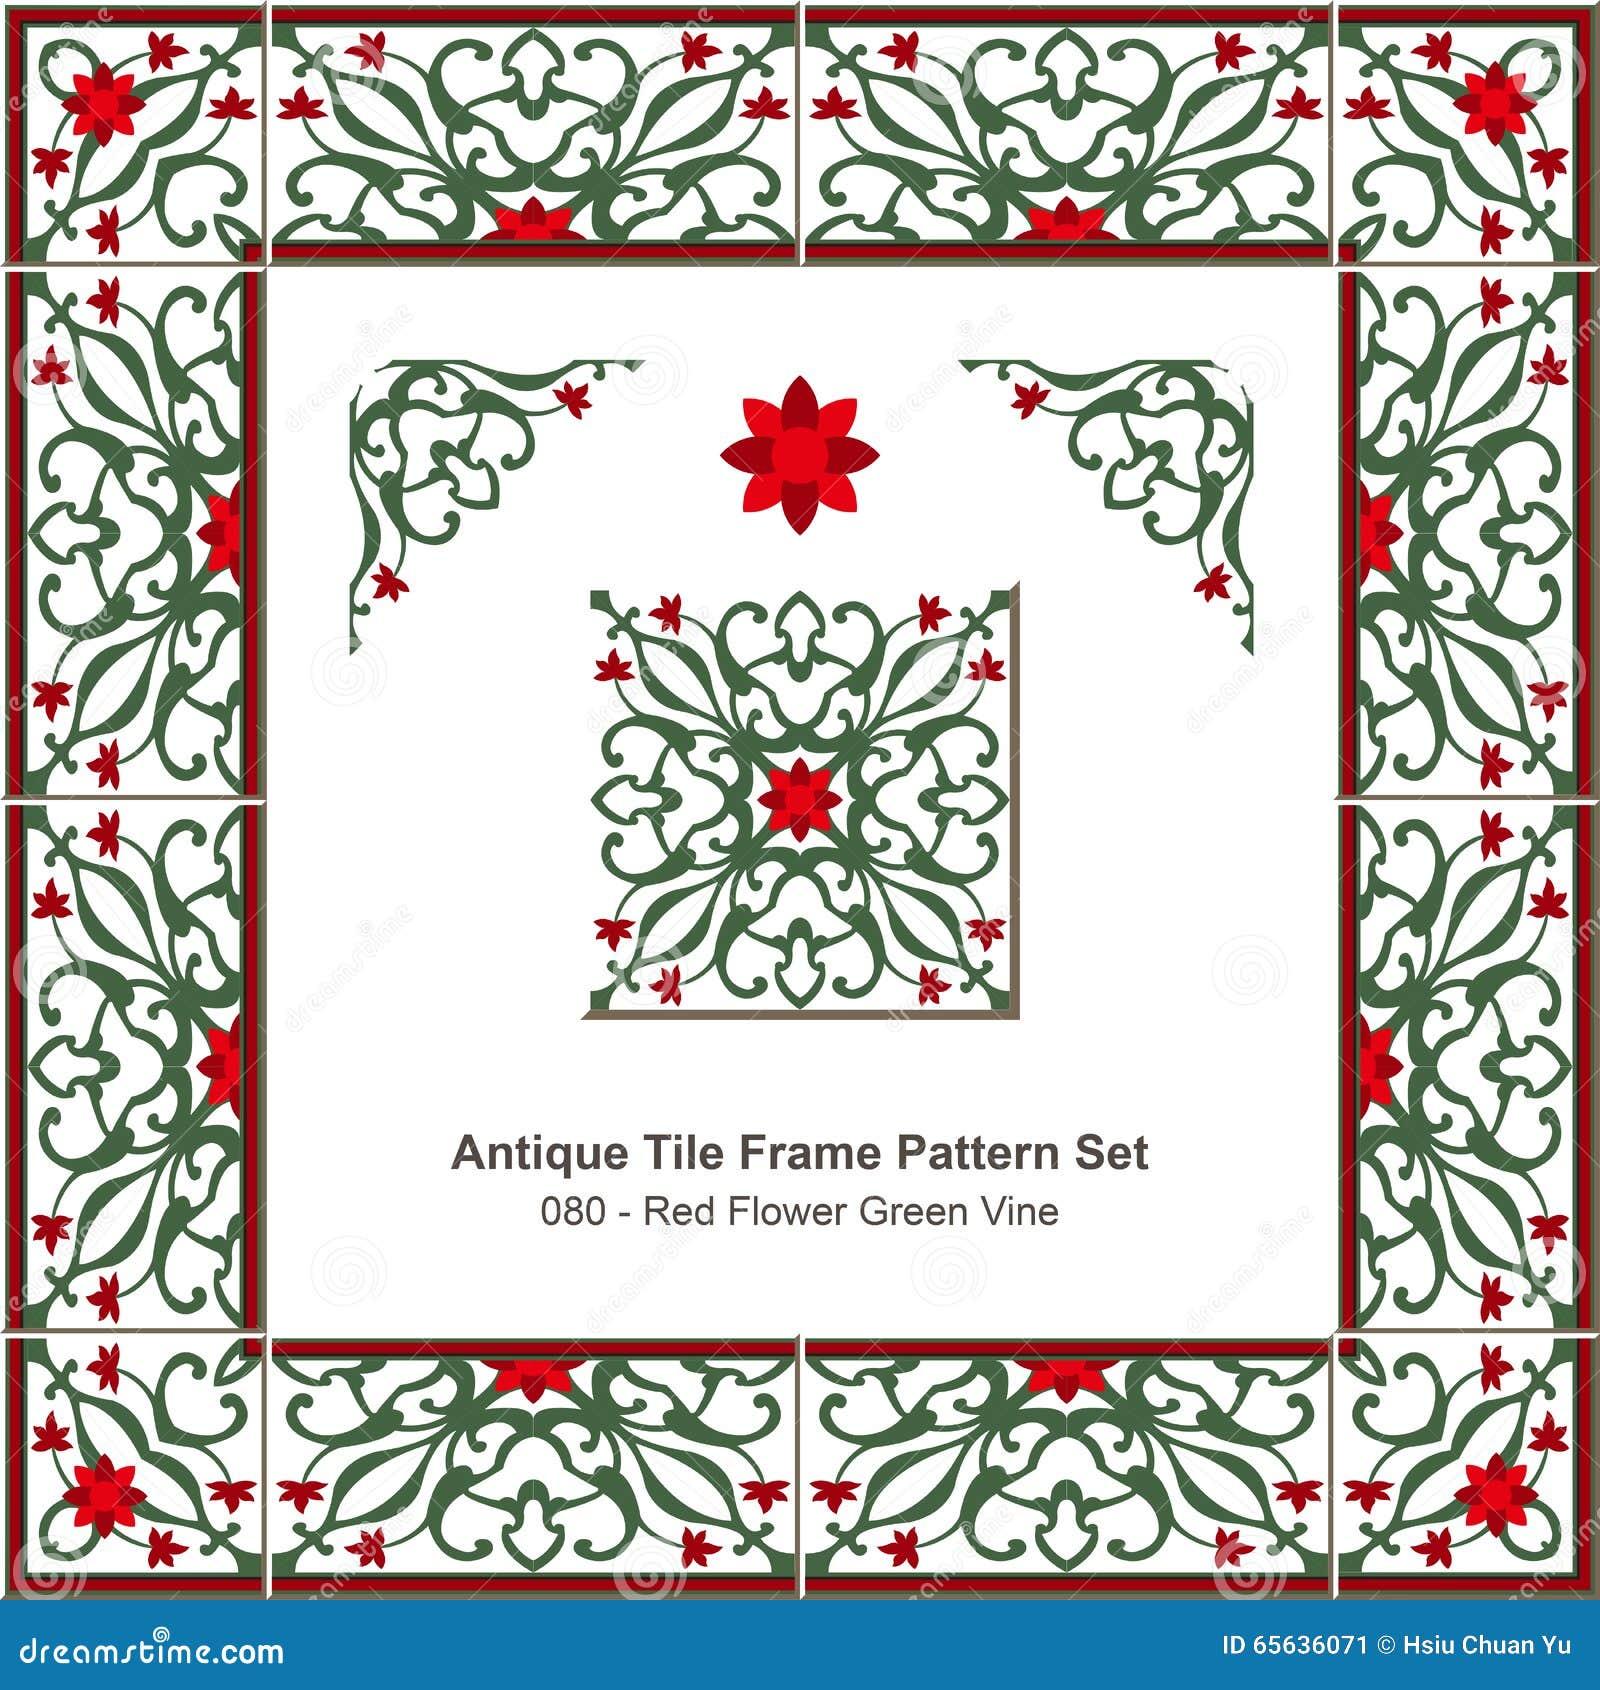 Vigne rouge antique de vert de fleur du modèle set_080 de cadre de tuile